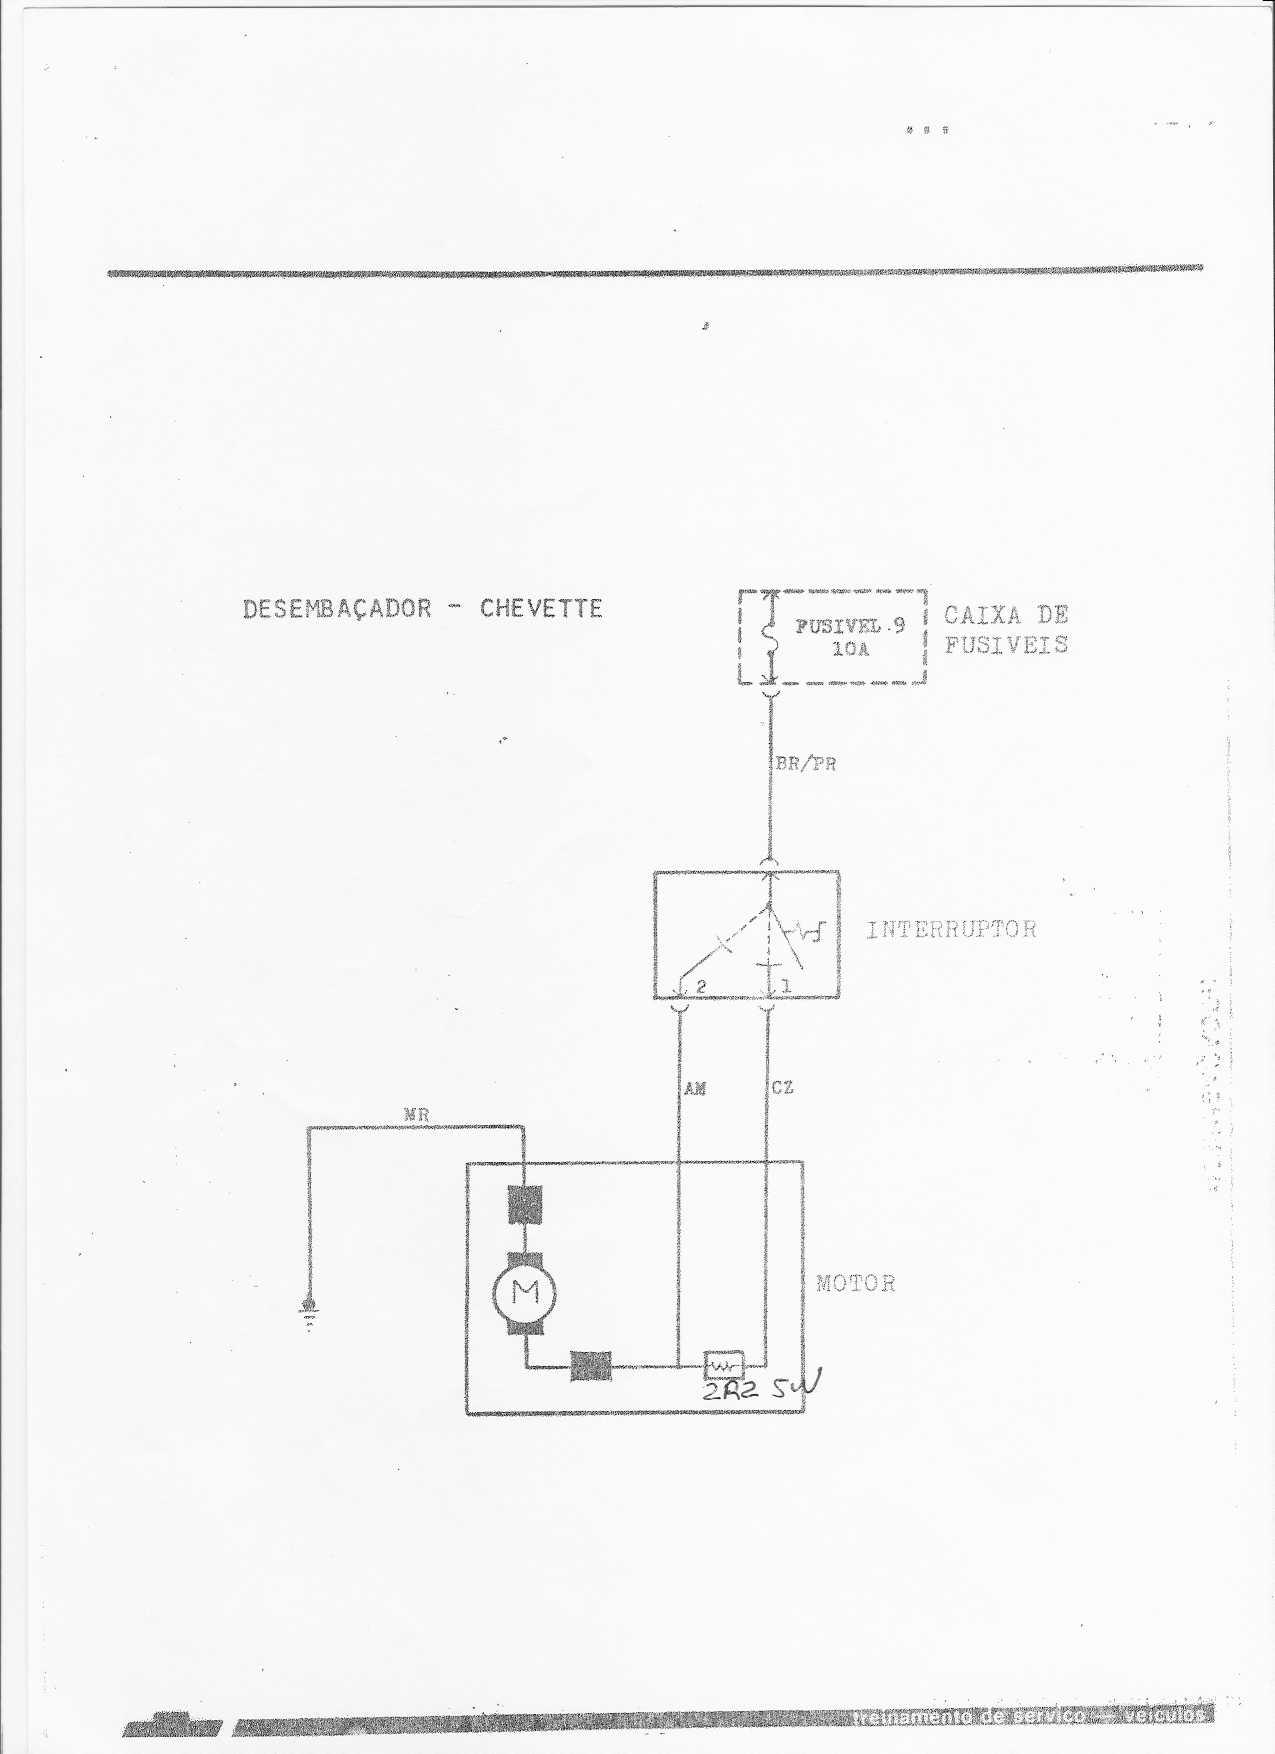 Esquemas elétricos do Chevette